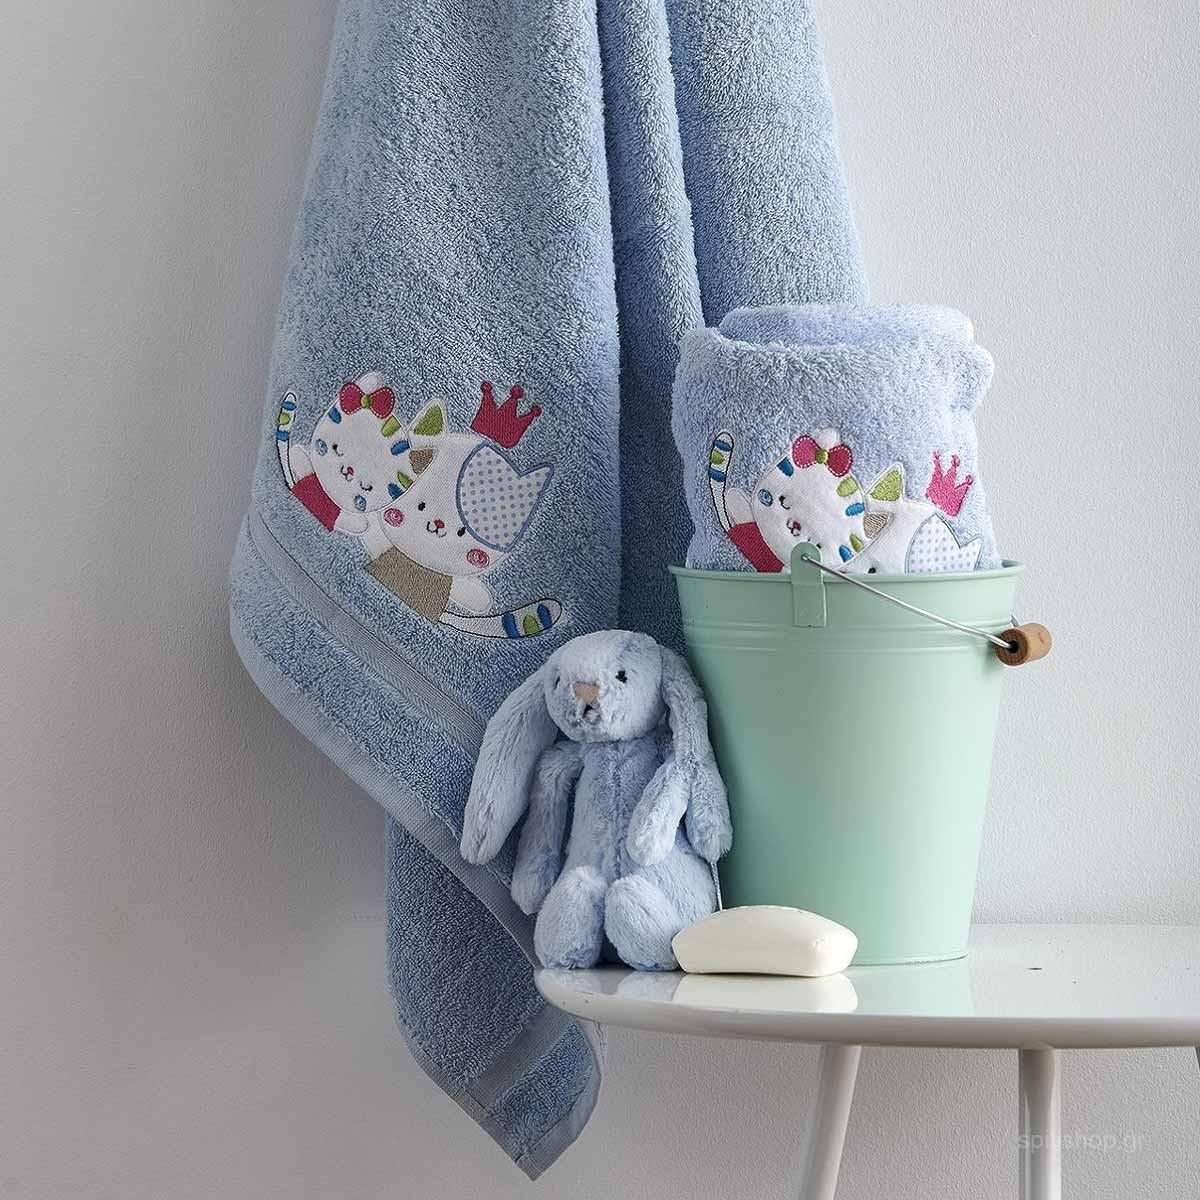 Βρεφικές Πετσέτες (Σετ 2τμχ) Sb Home Baby Gattino Blue